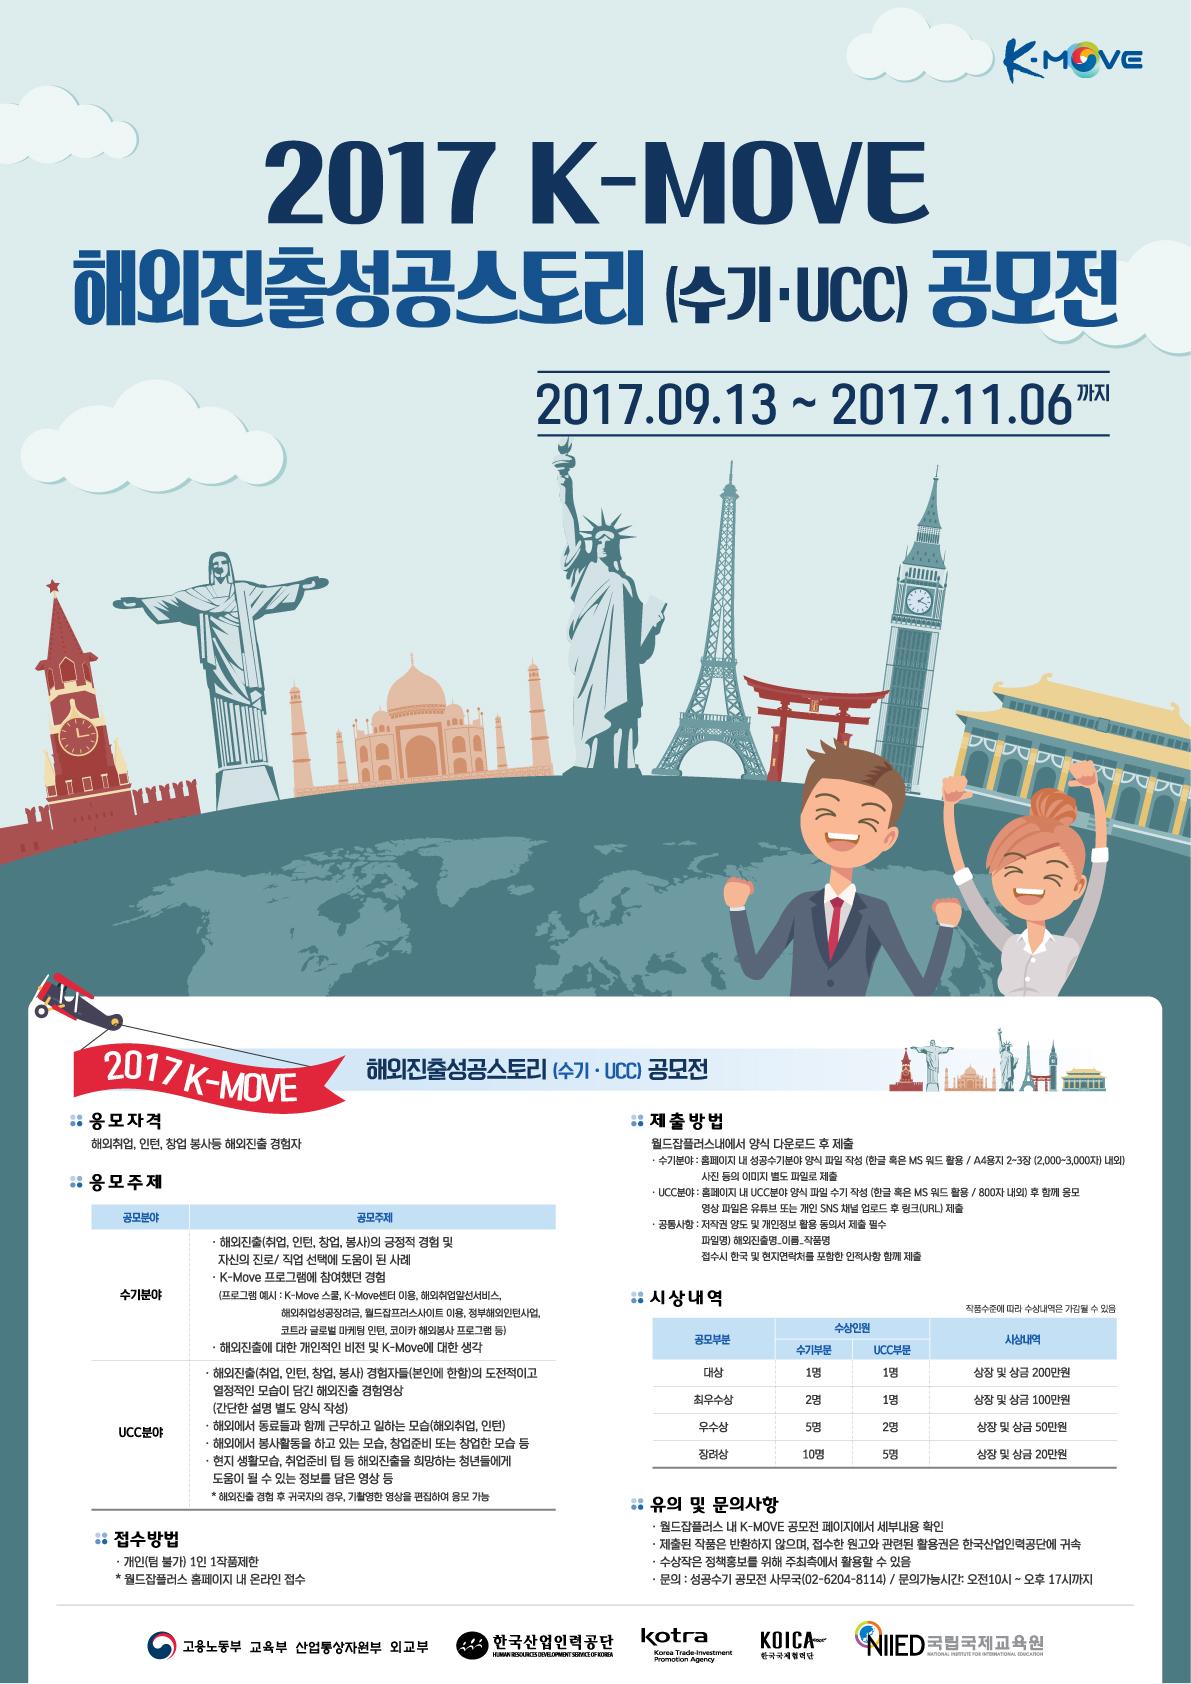 2017 K-Move 해외진출 성공스토리 (수기·UCC) 공모전 (11.06일까지)